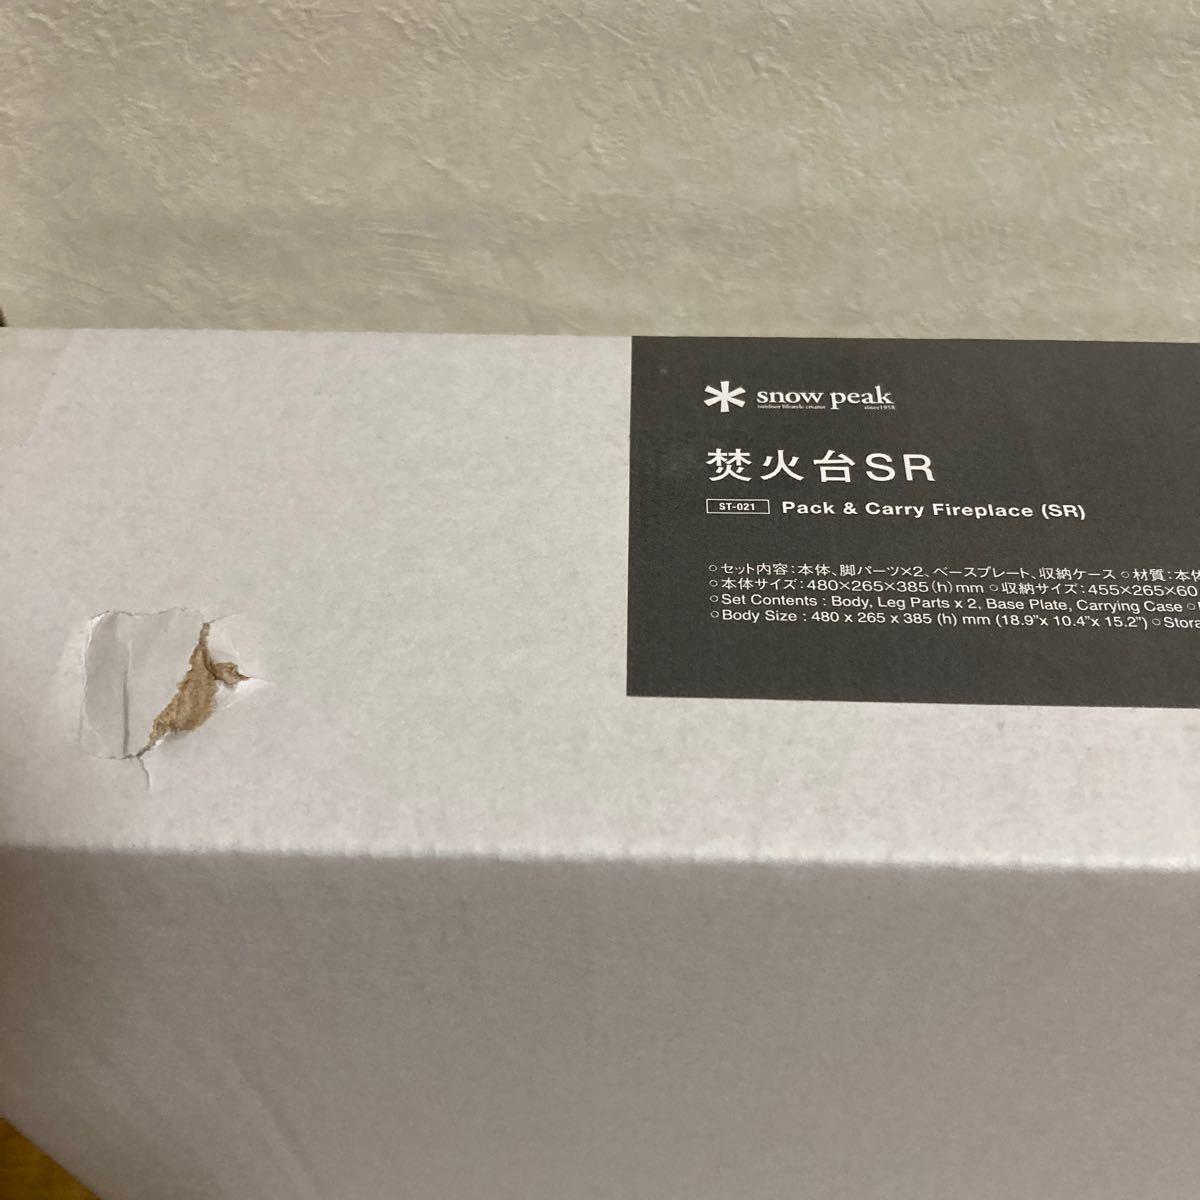 【スノーピーク】(snow peak) 焚火台SR ST-021 新品未使用 箱穴有り 焚き火